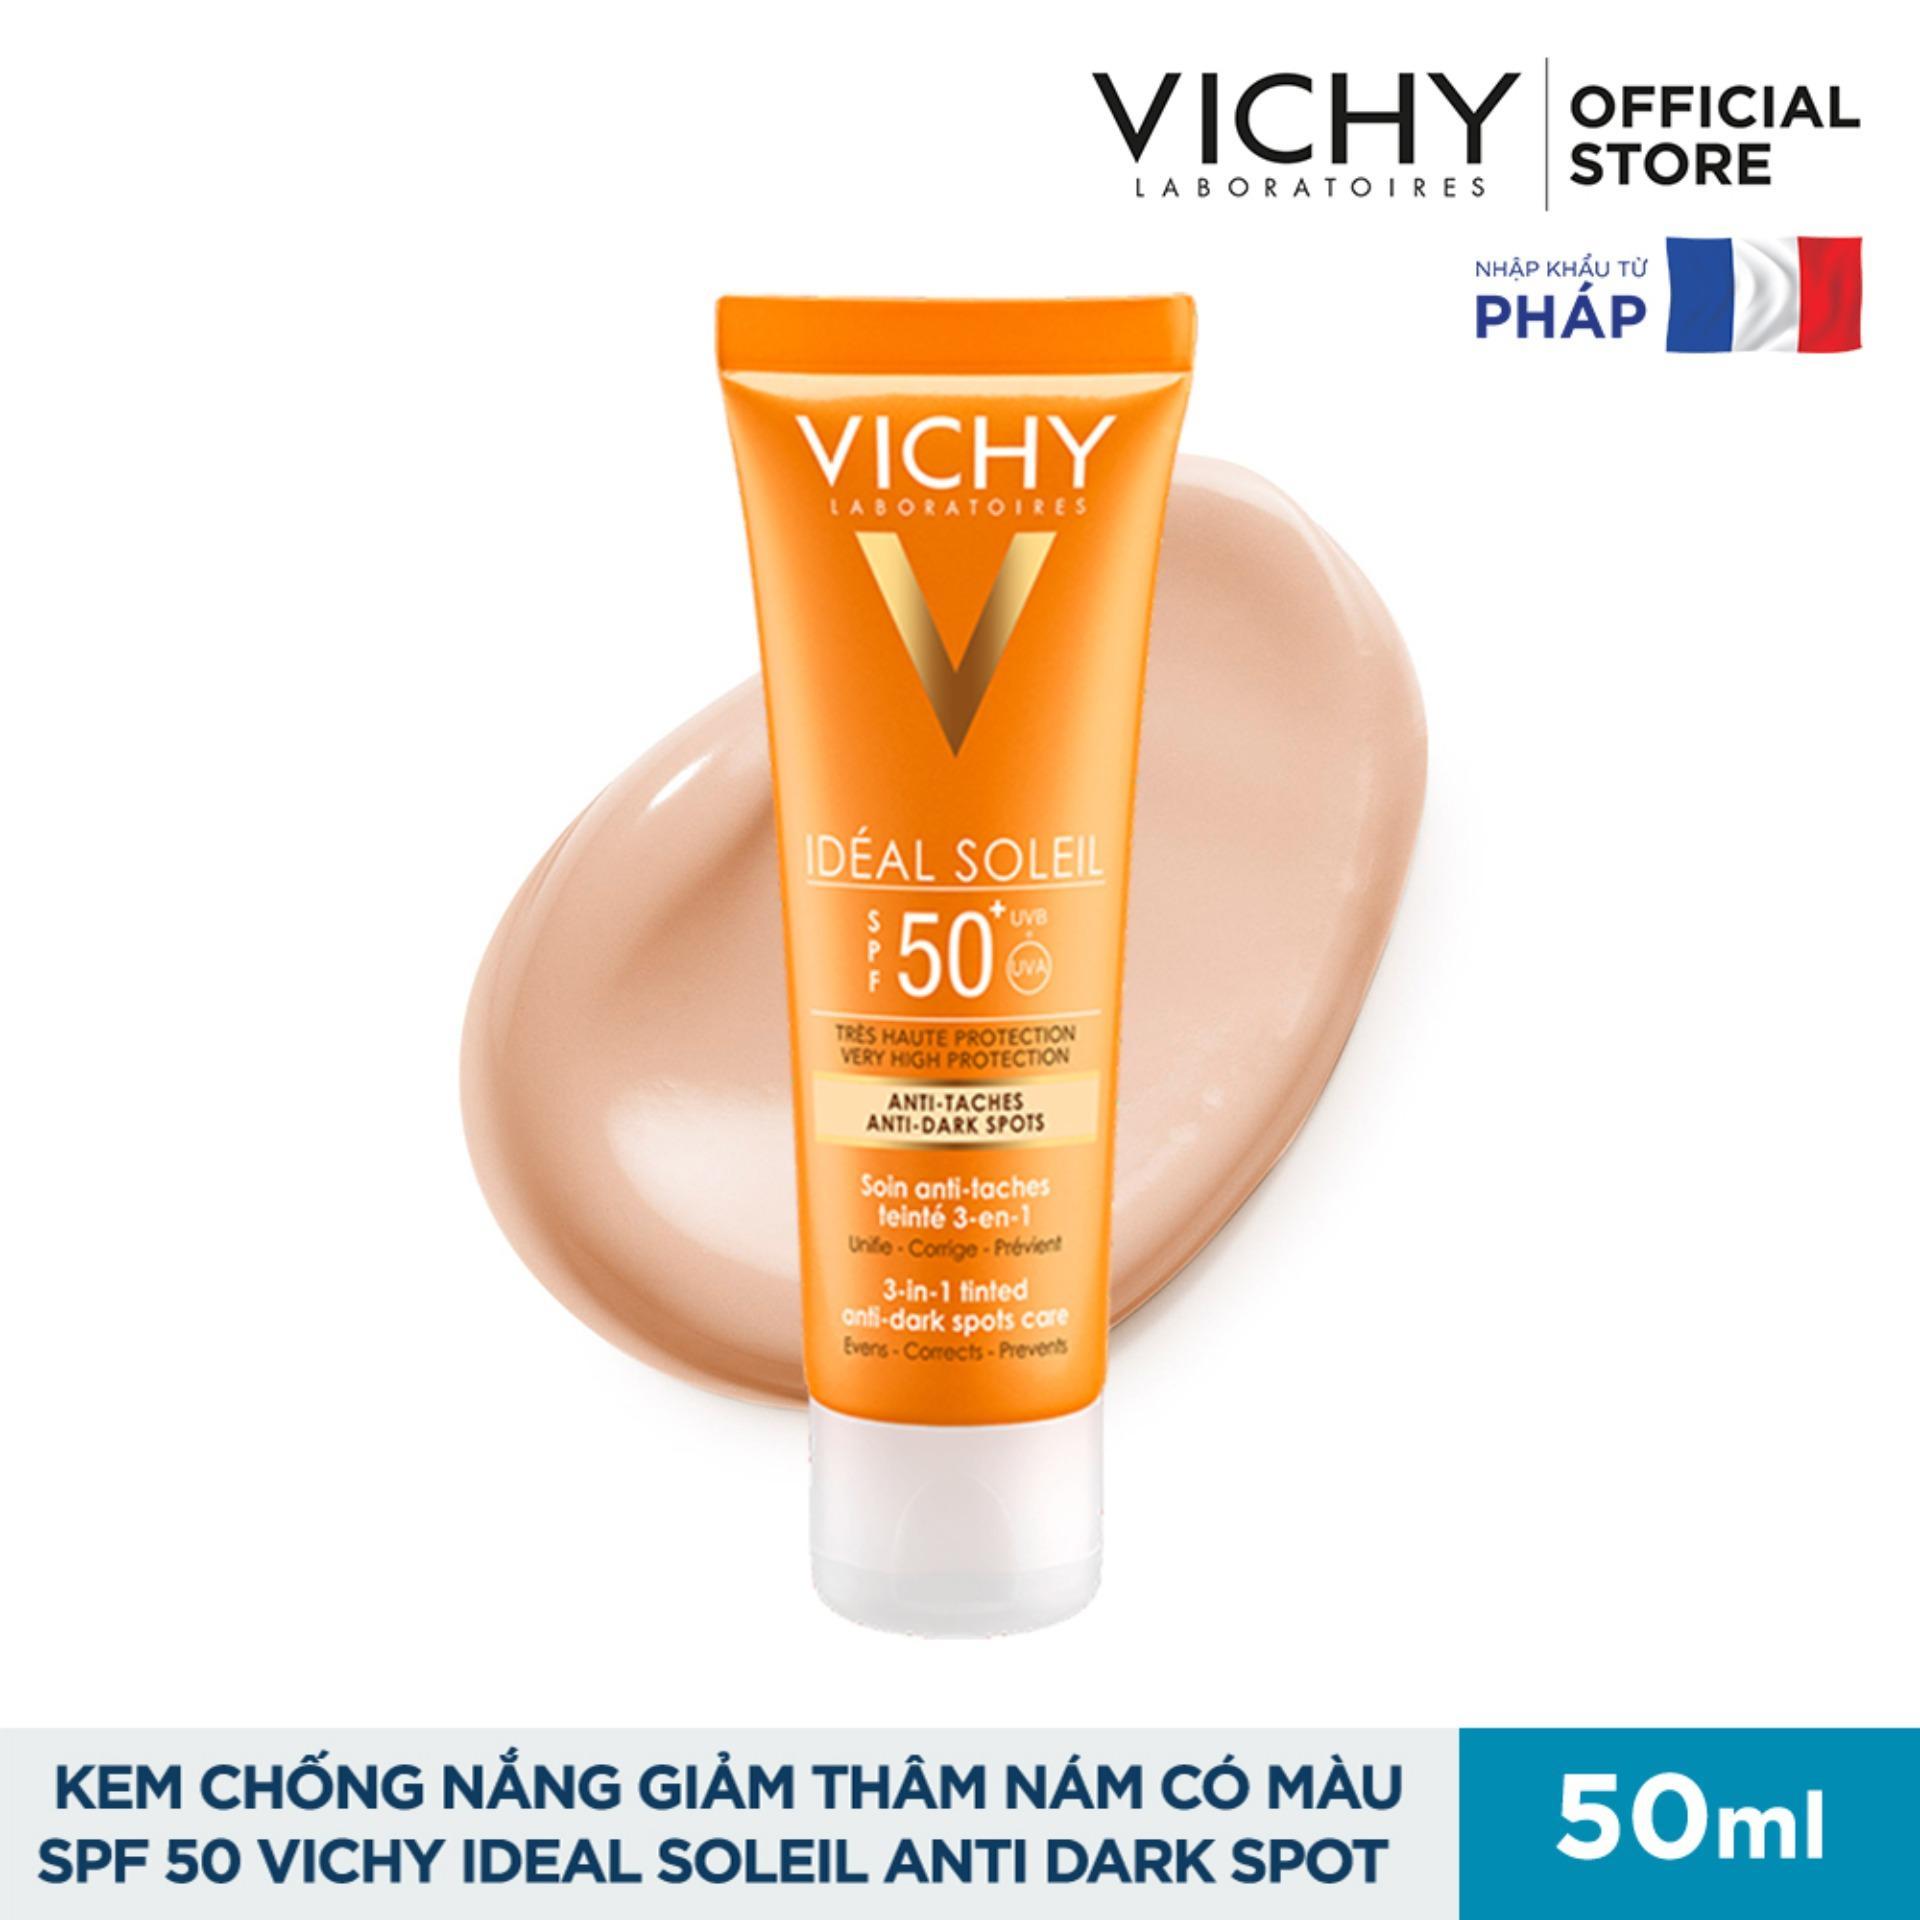 Kem chống nắng ngăn sạm da giảm thâm nám Vichy Ideal Soleil Anti Darkspot SPF 50 Chống Tia UVA + UVB 50ml